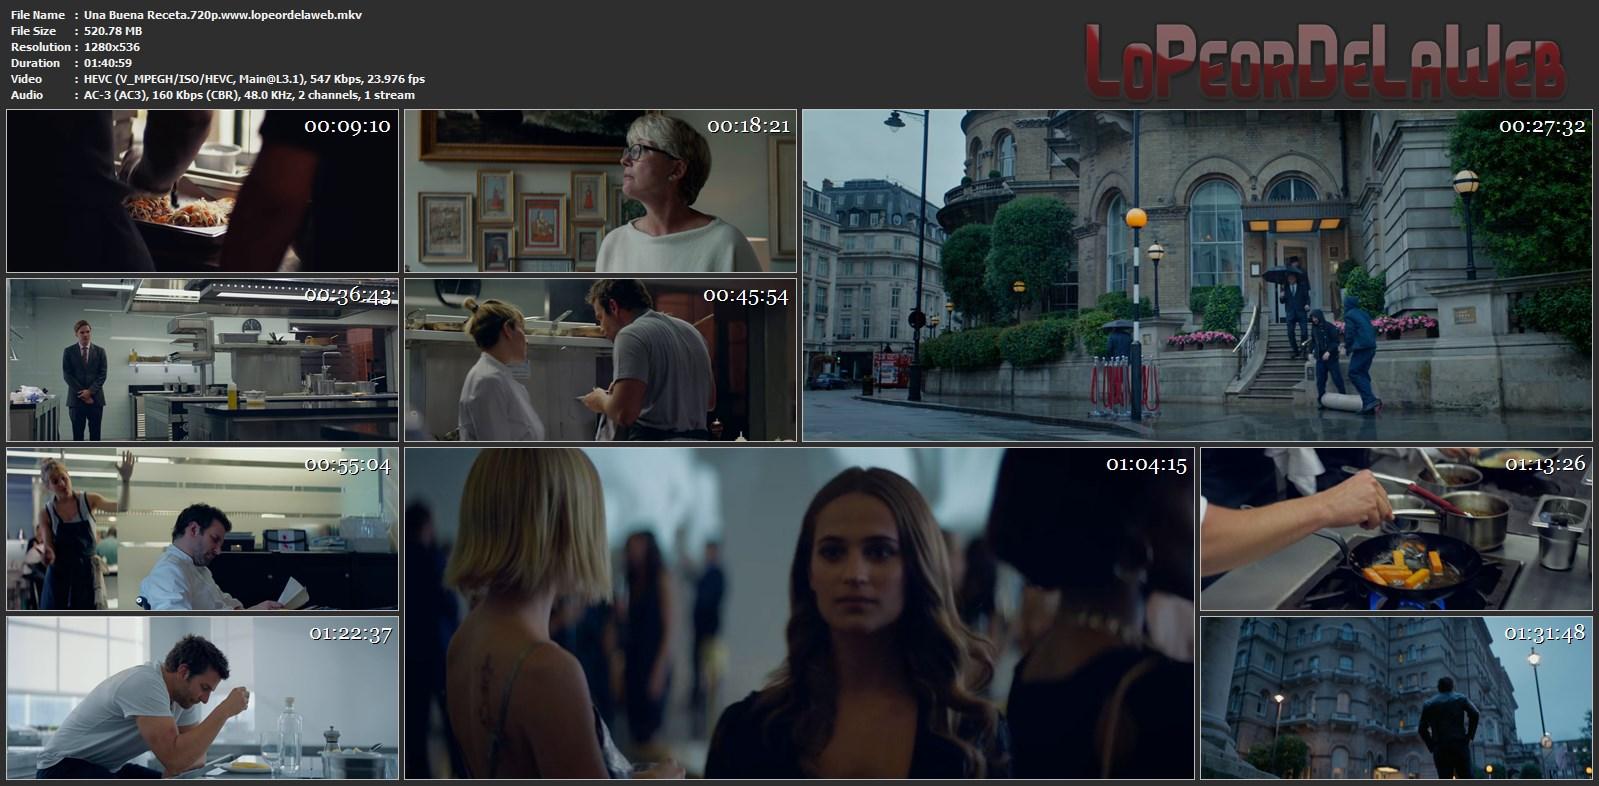 Una Buena Receta BRrip 720p Latino (2015) [Mega]